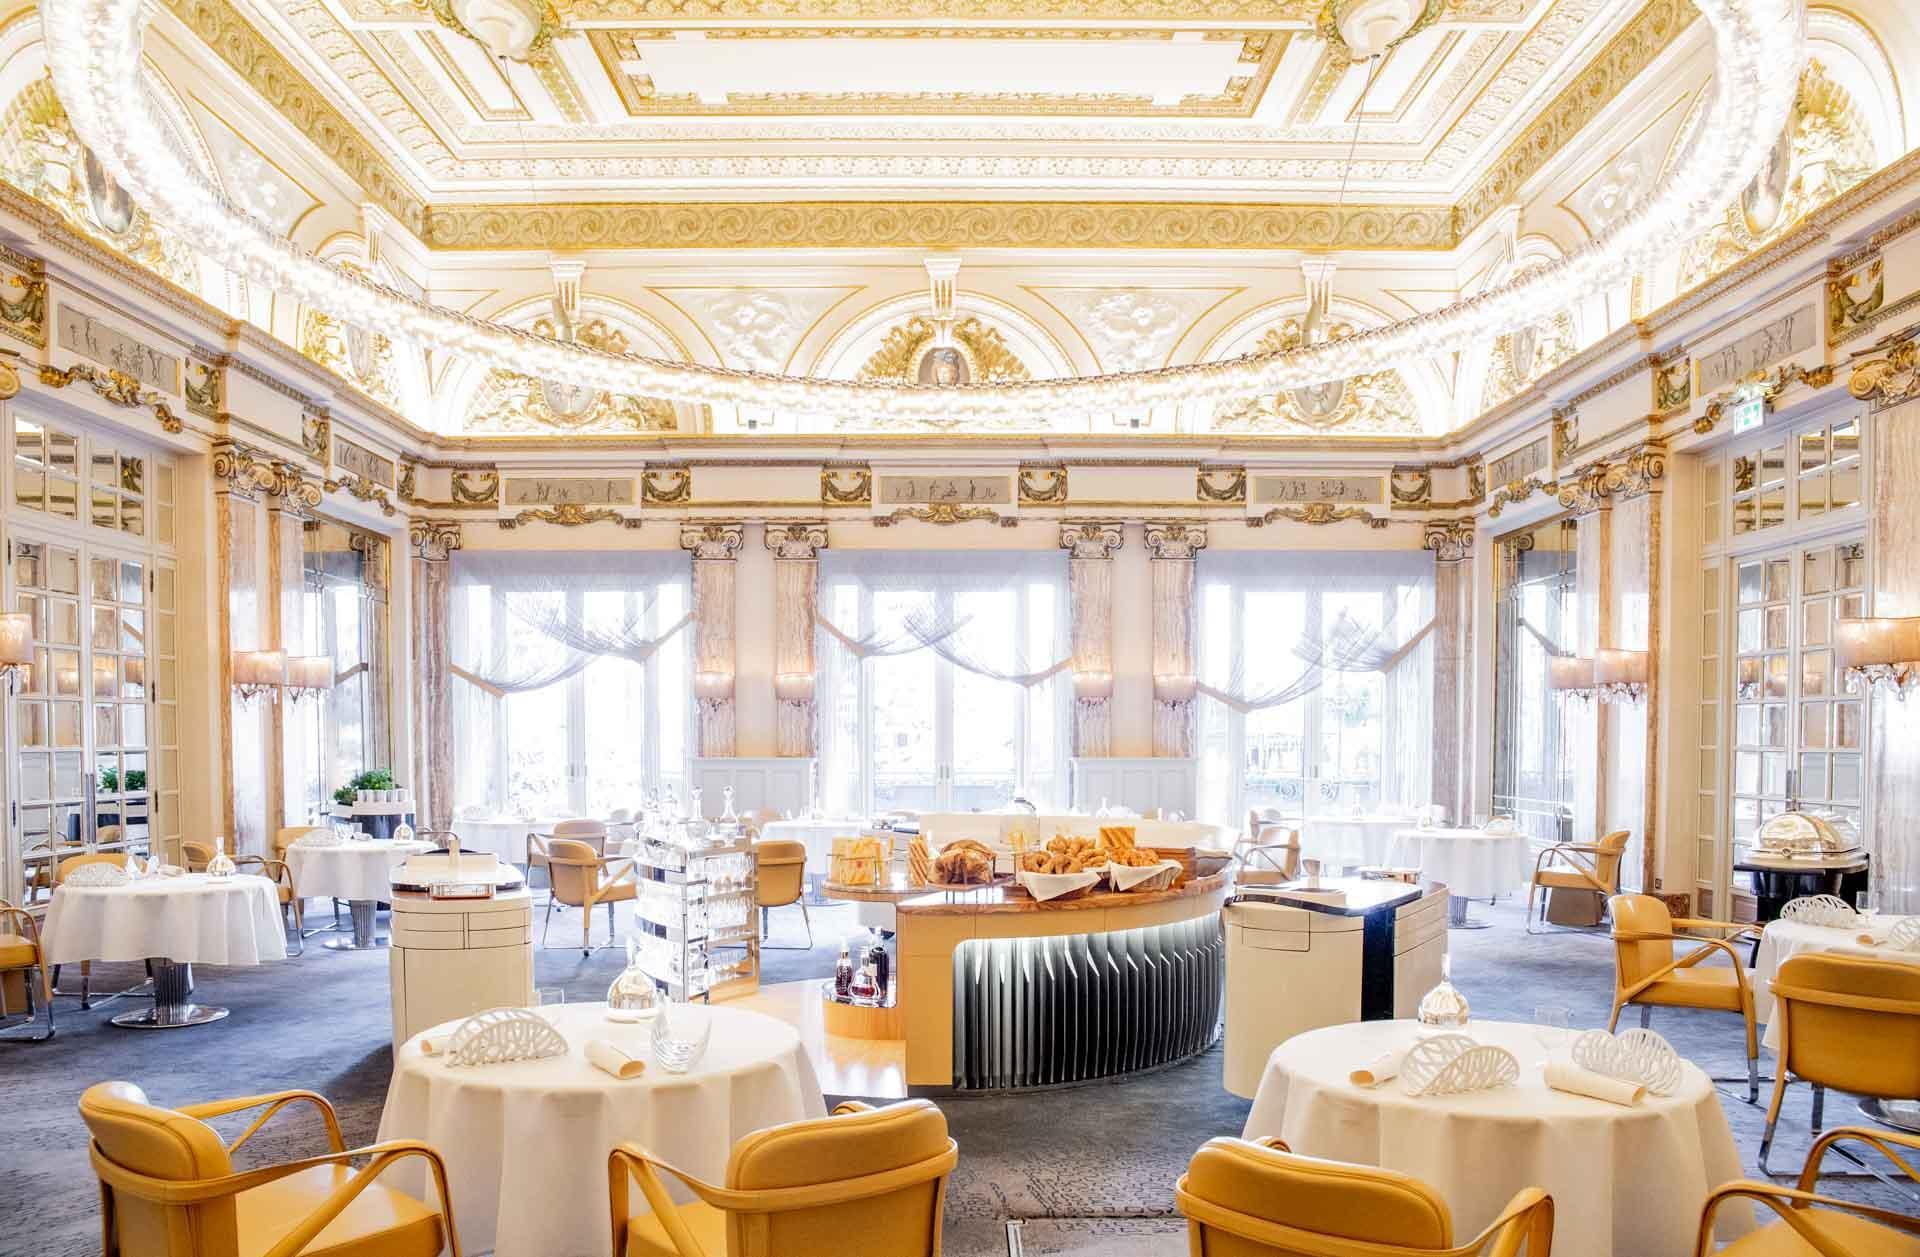 La salle flamboyante du Louis XV © MONTE-CARLO Société des Bains de Mer